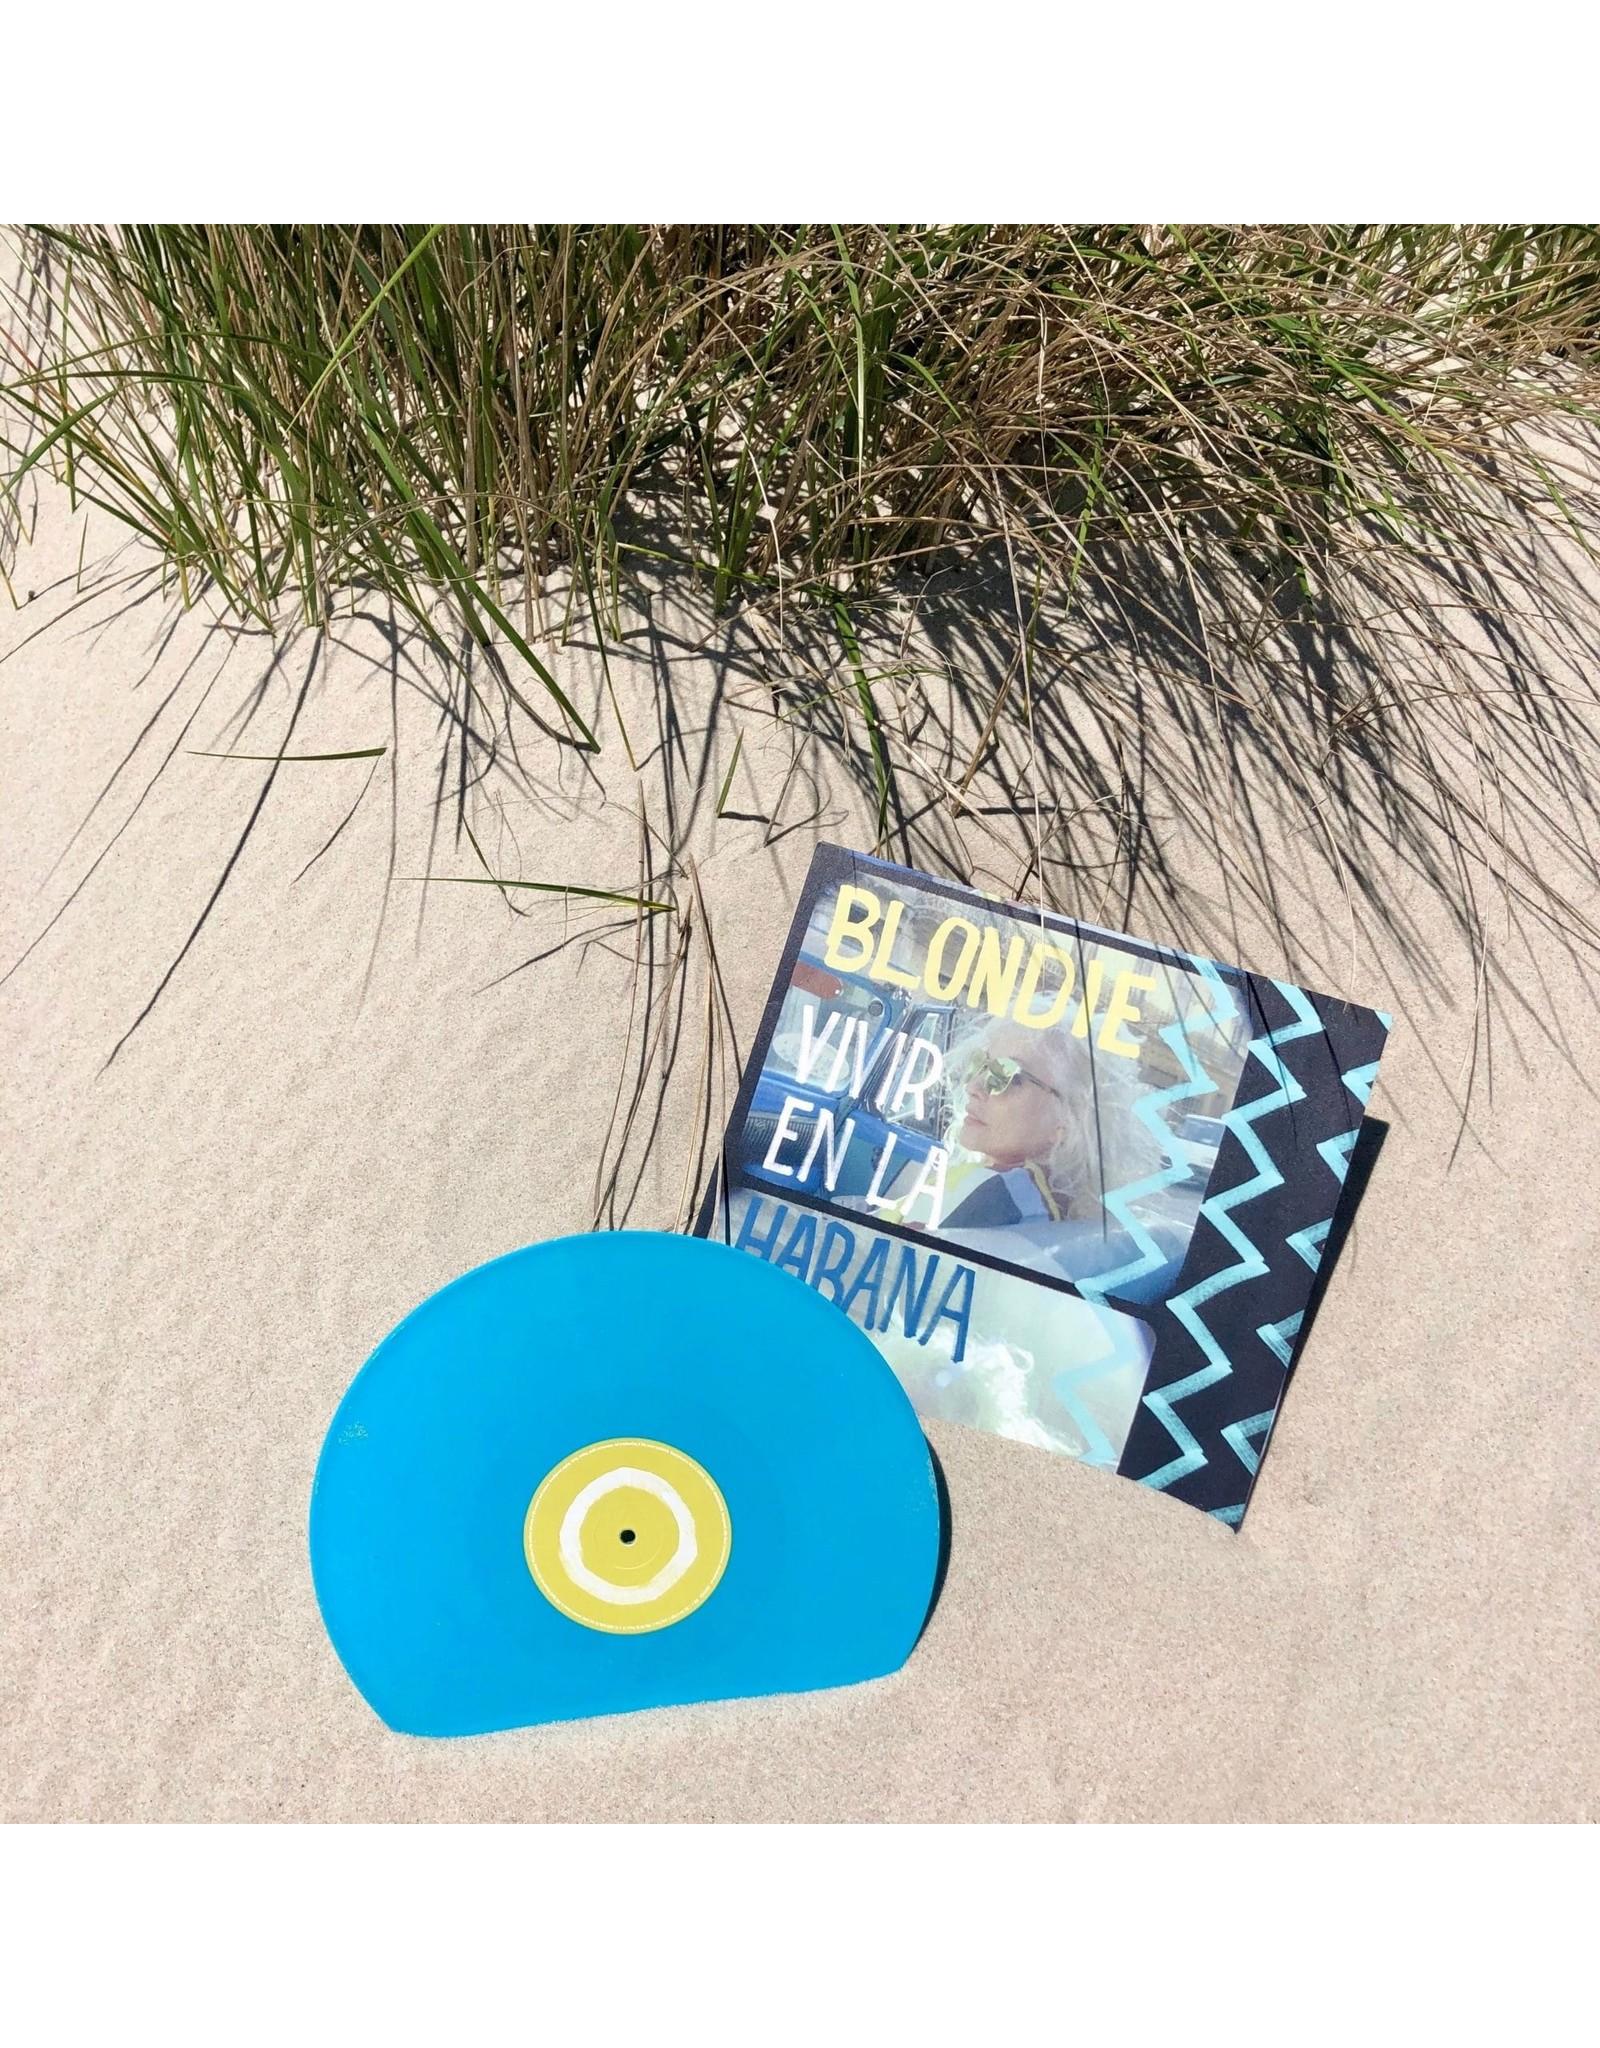 Blondie - Vivir En La Habana (Exclusive Blue Vinyl)